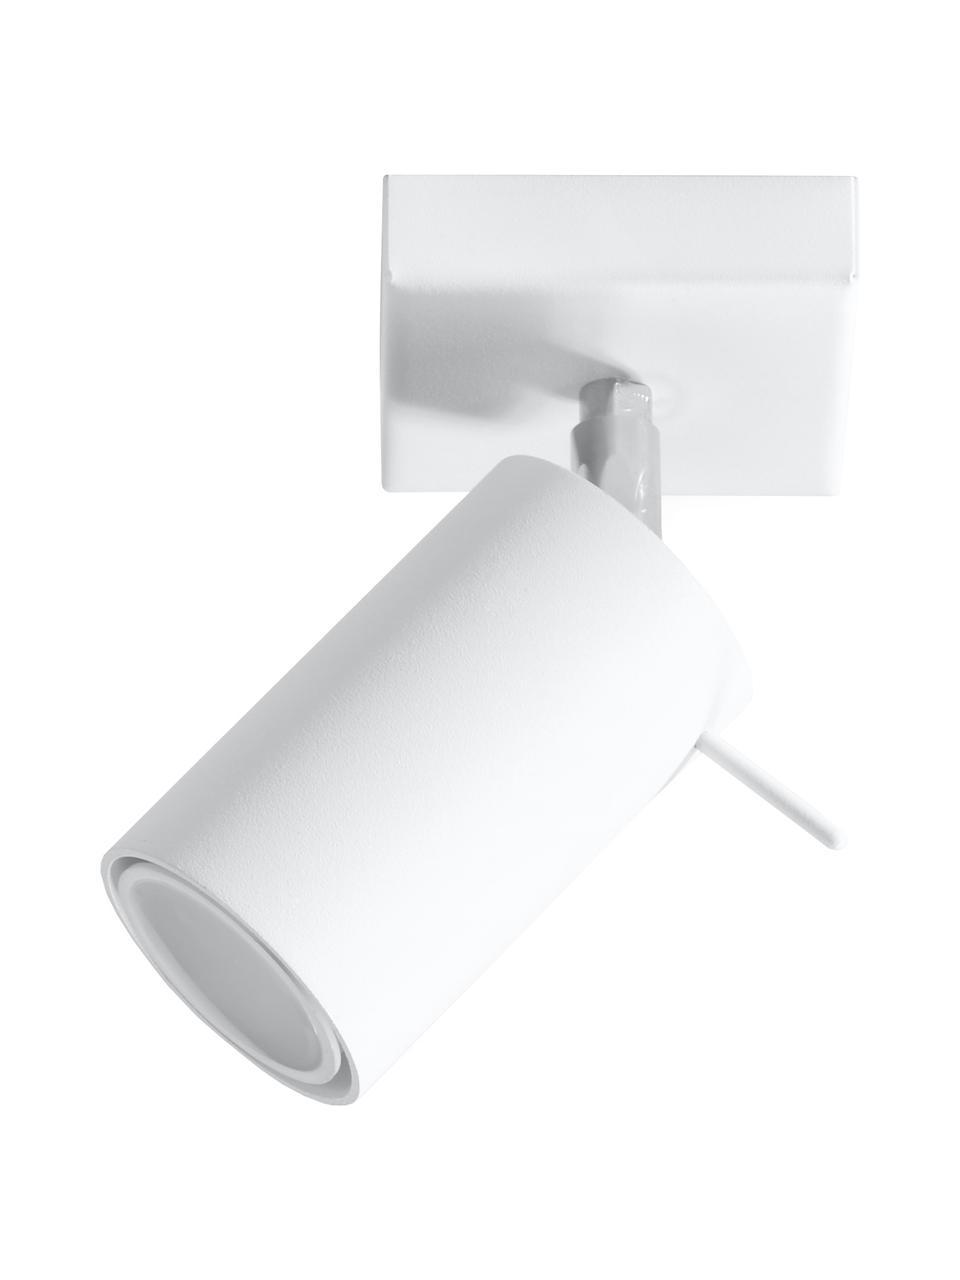 Wand- und Deckenstrahler Etna in Weiß, Lampenschirm: Stahl, lackiert, Baldachin: Stahl, lackiert, Weiß, 10 x 15 cm